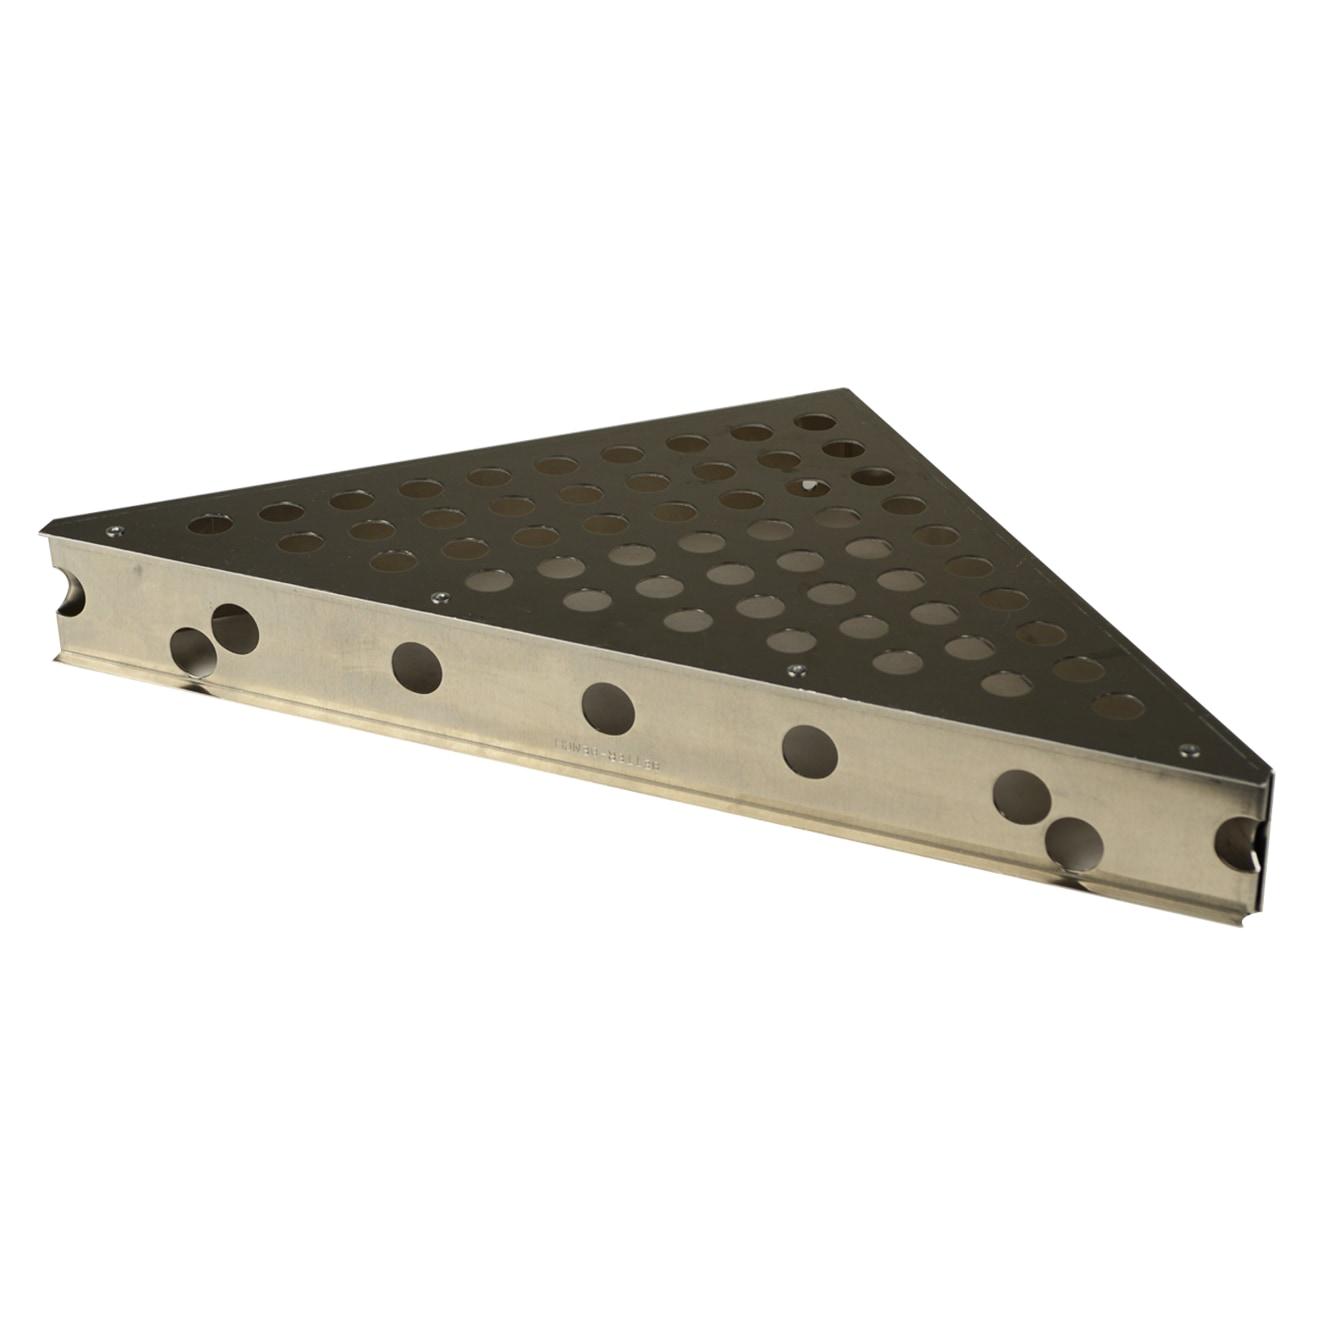 Innovis 21-1/2 in. x 21-1/2 in. x 30 in. Triangular Shower Bench